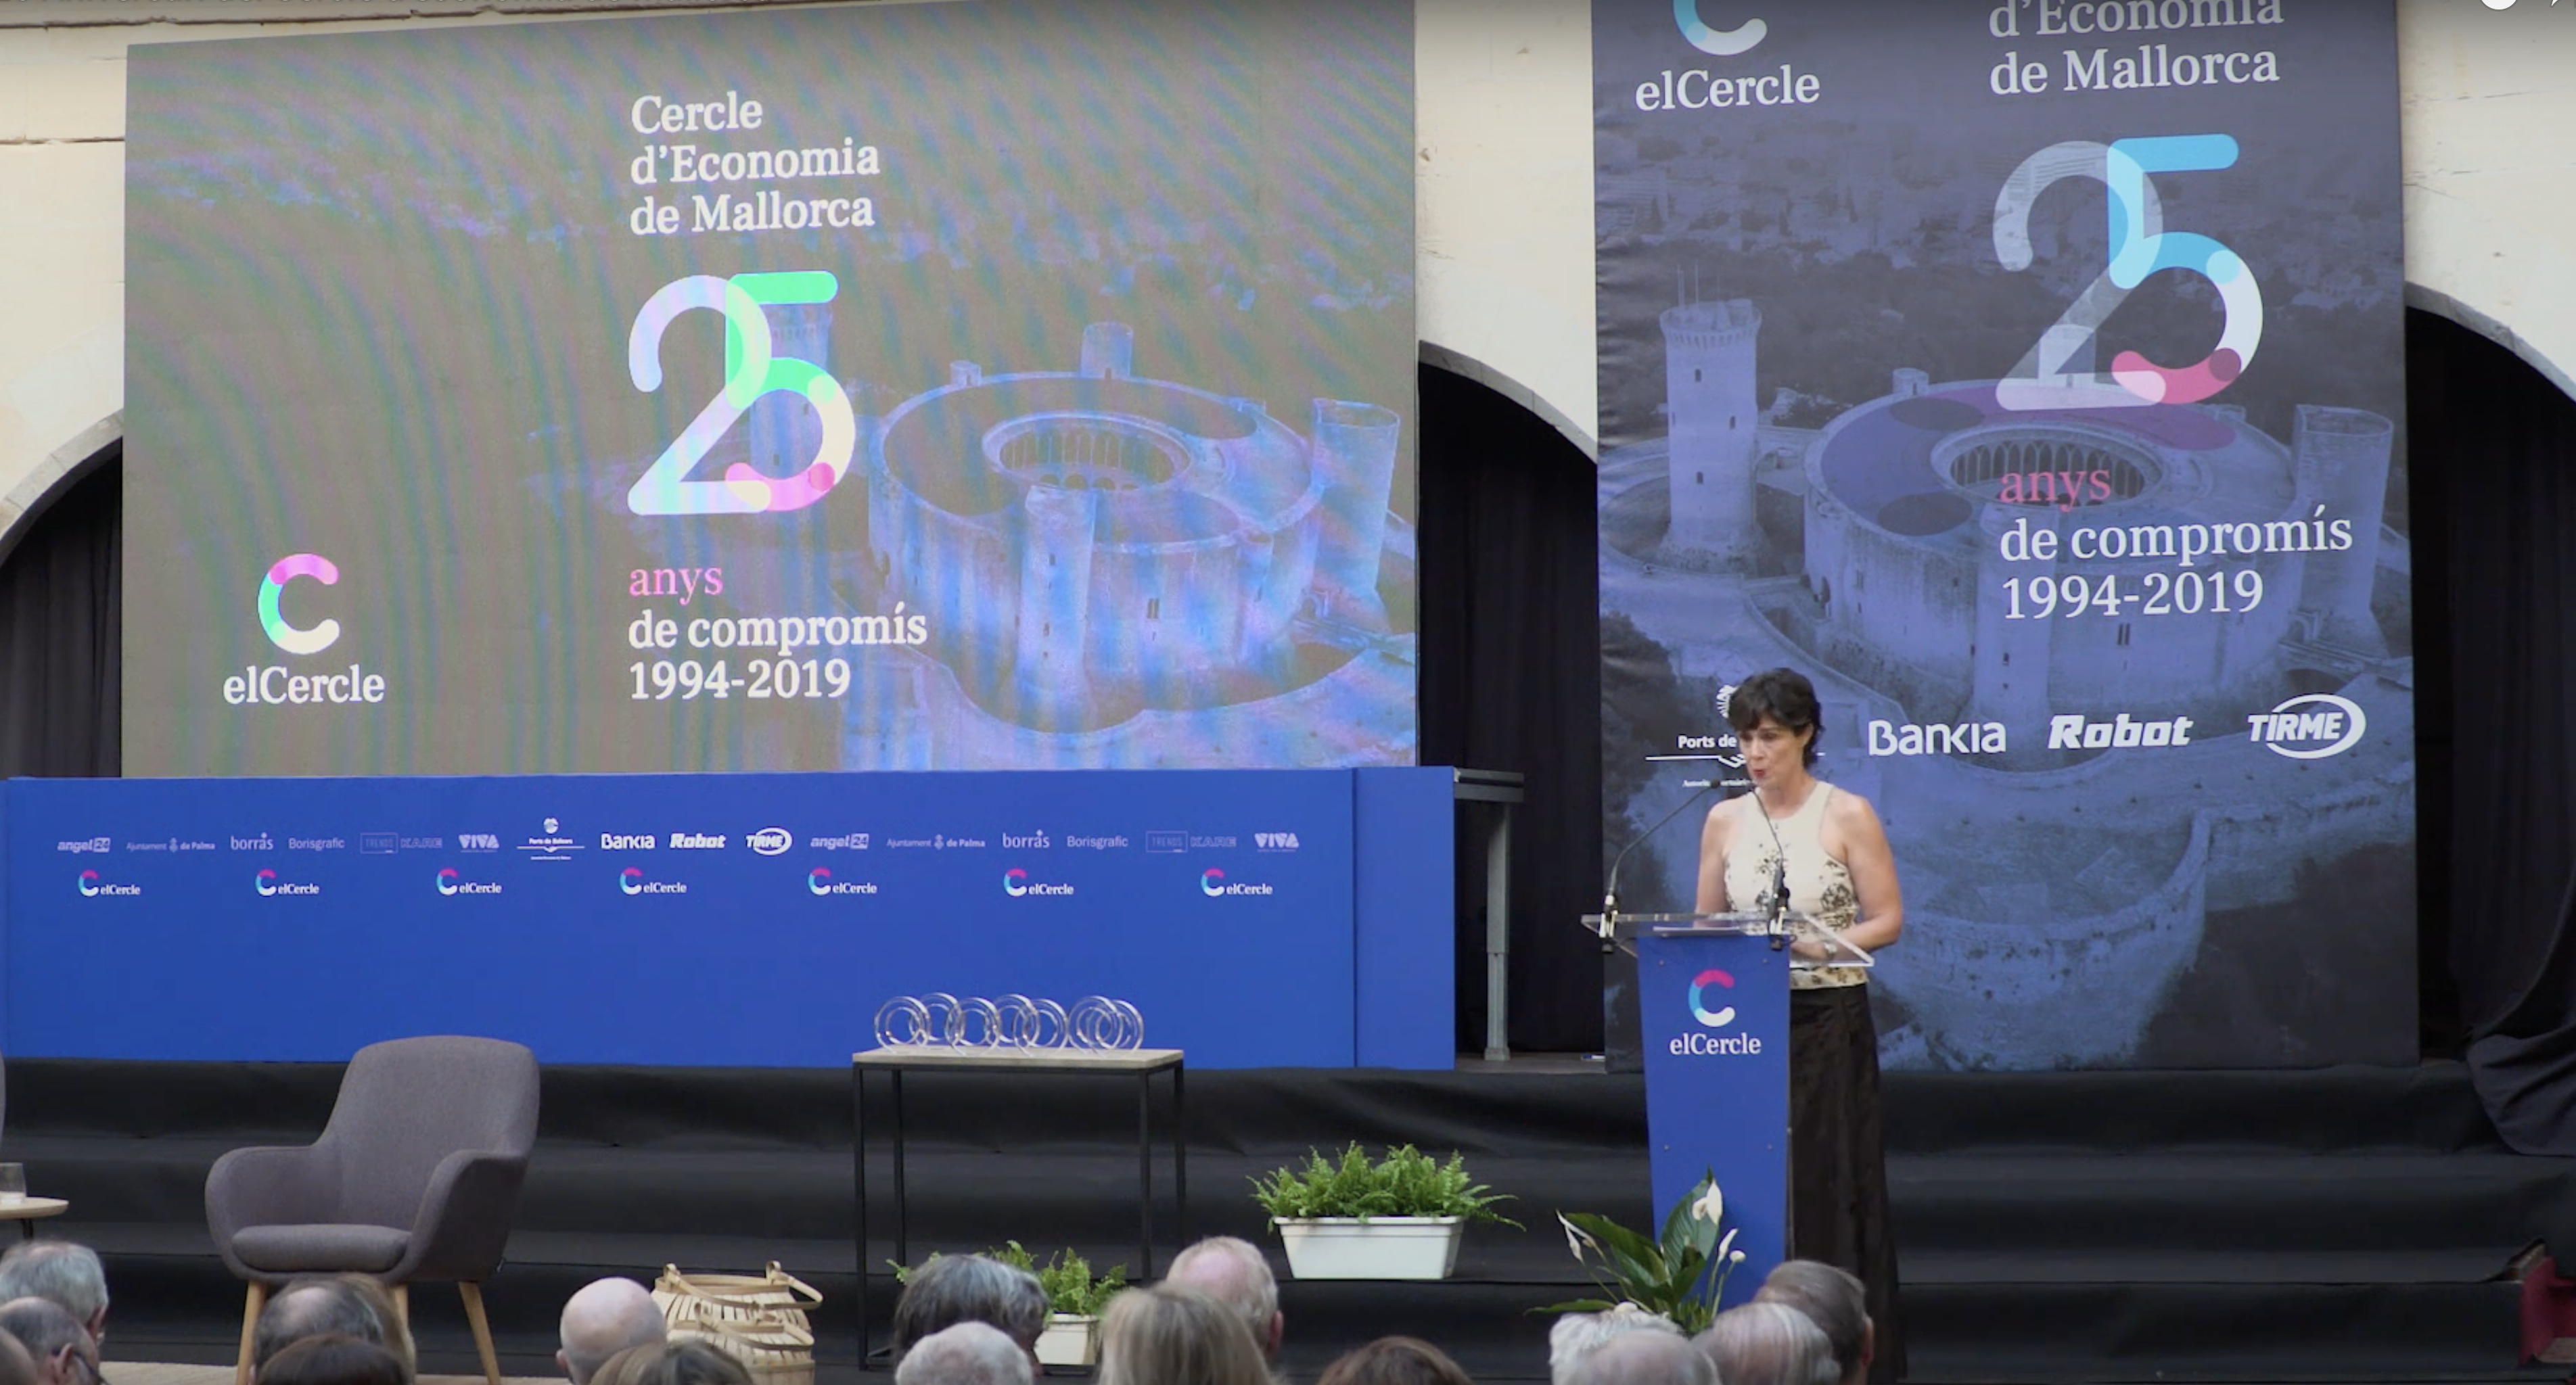 Illeslex Abogados, presente en la celebración del 25 aniversario del Cercle d'Economia de Mallorca